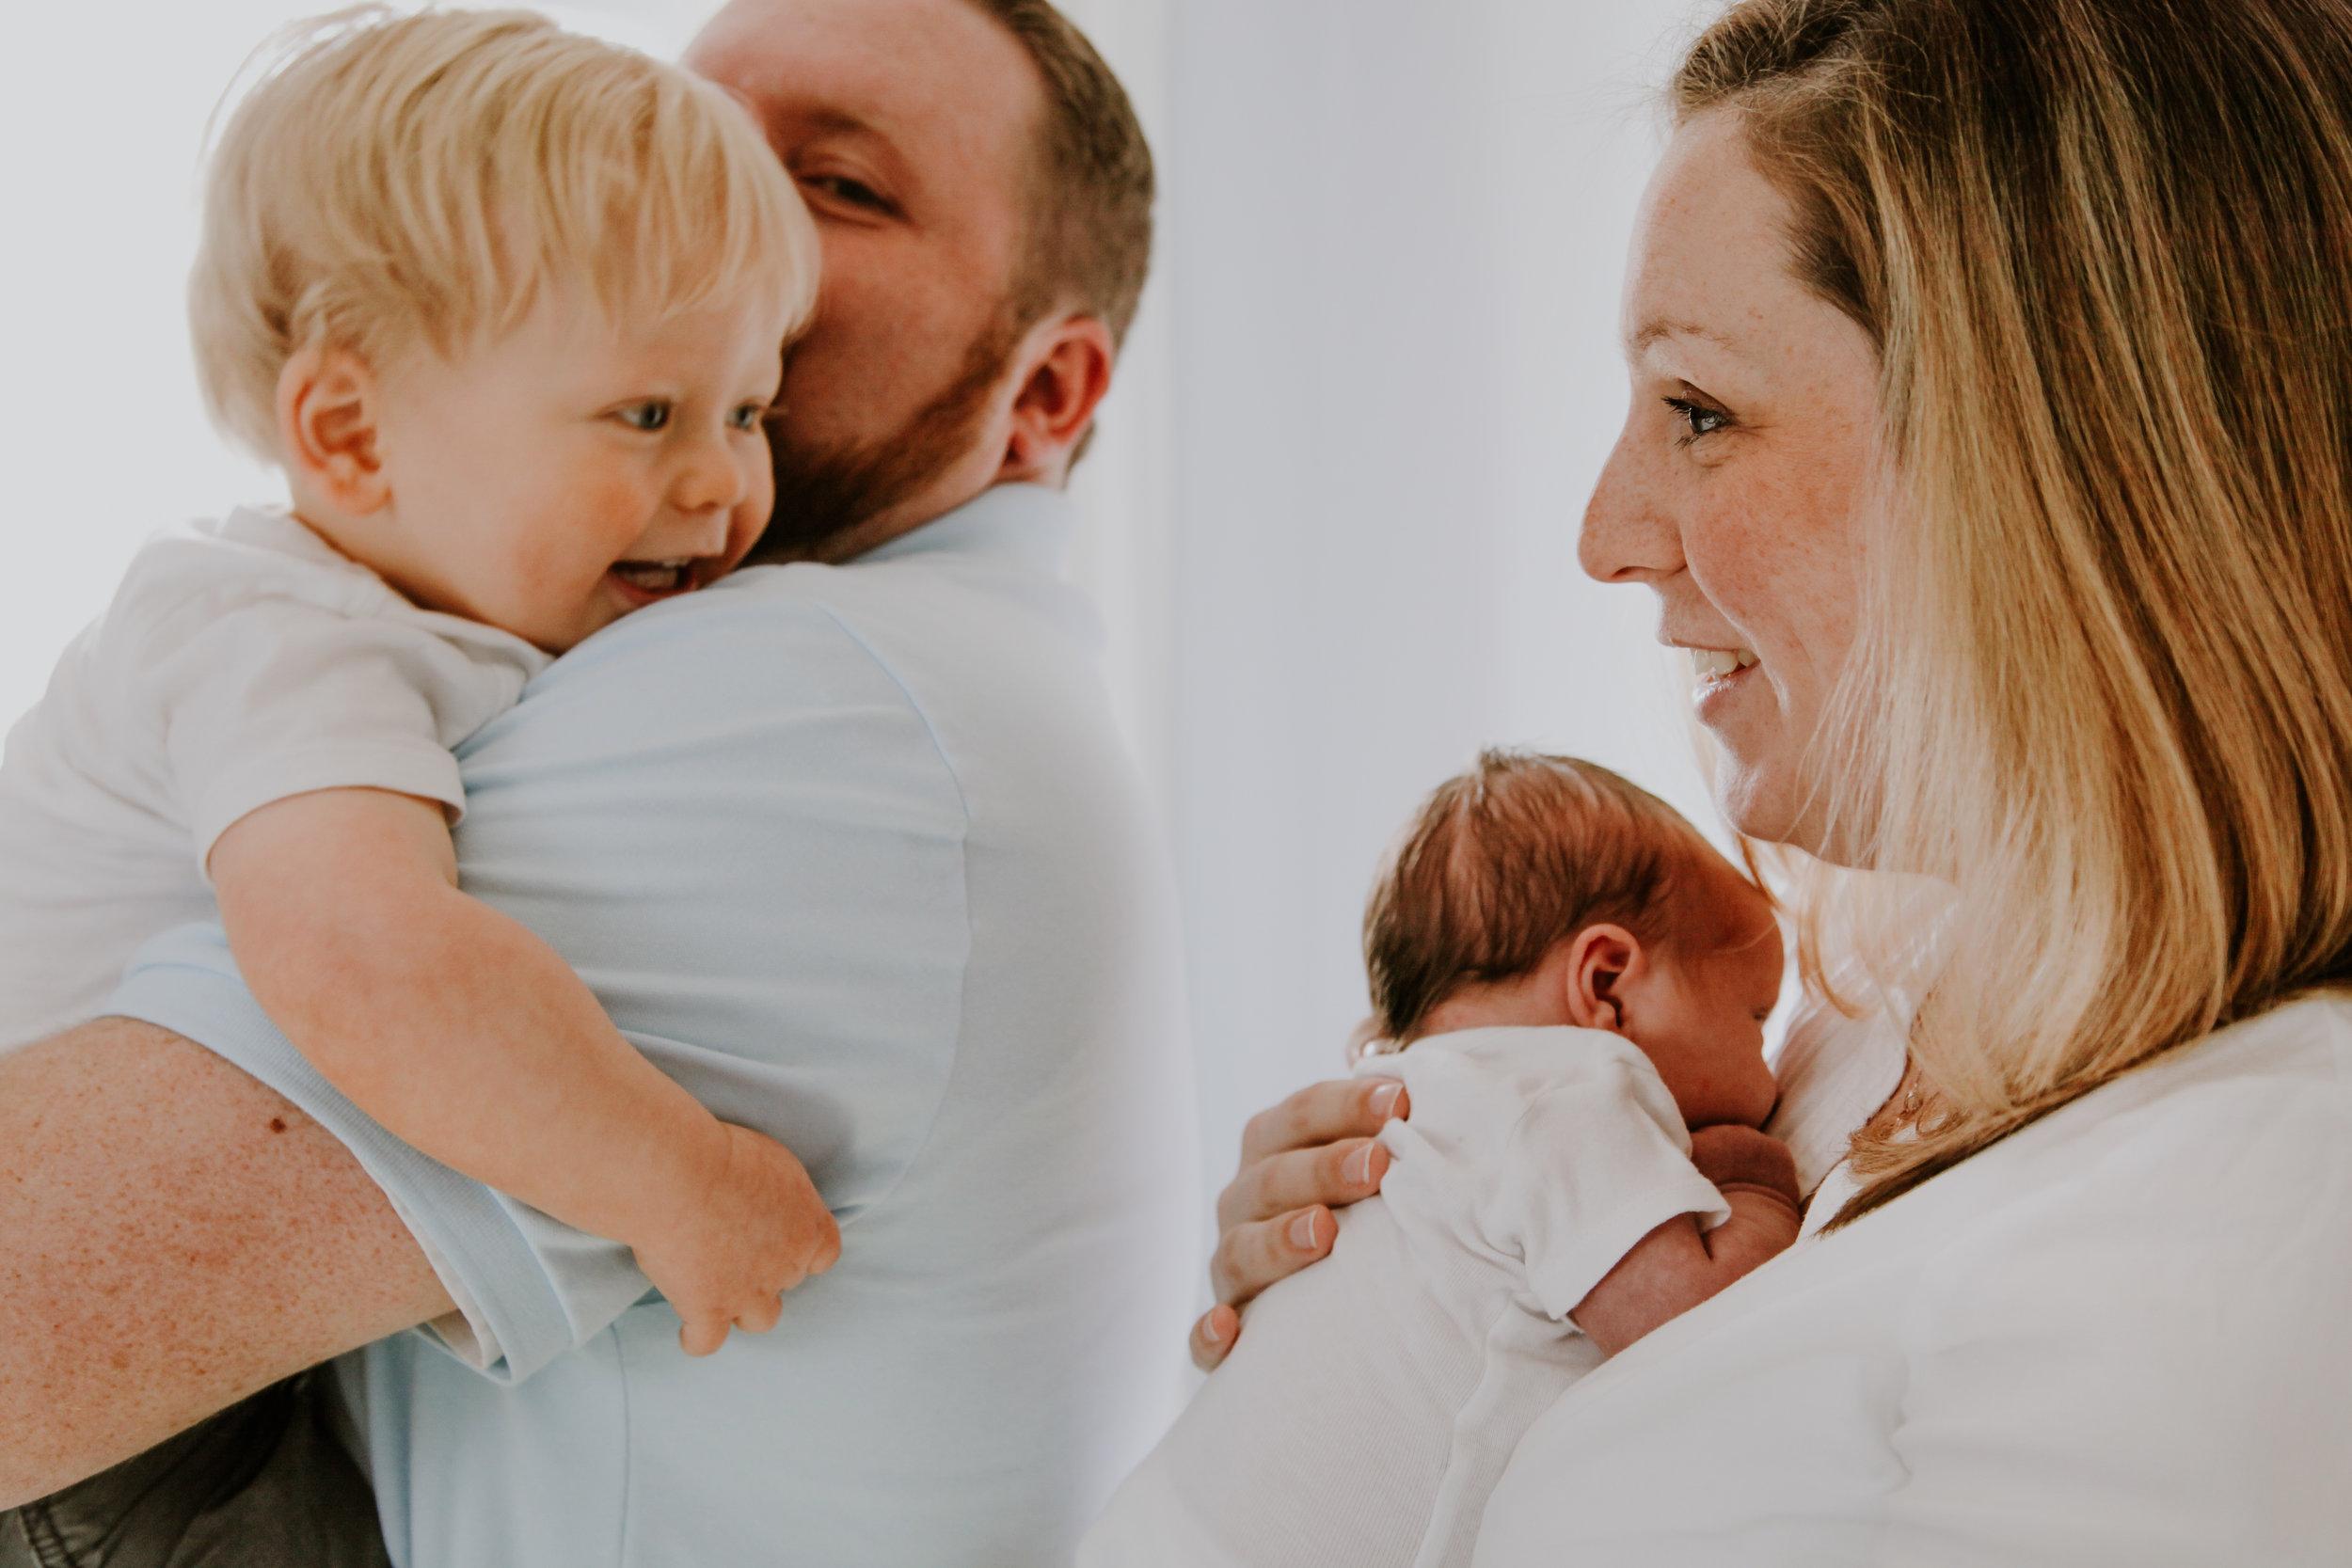 BabyGinny-37351.jpg